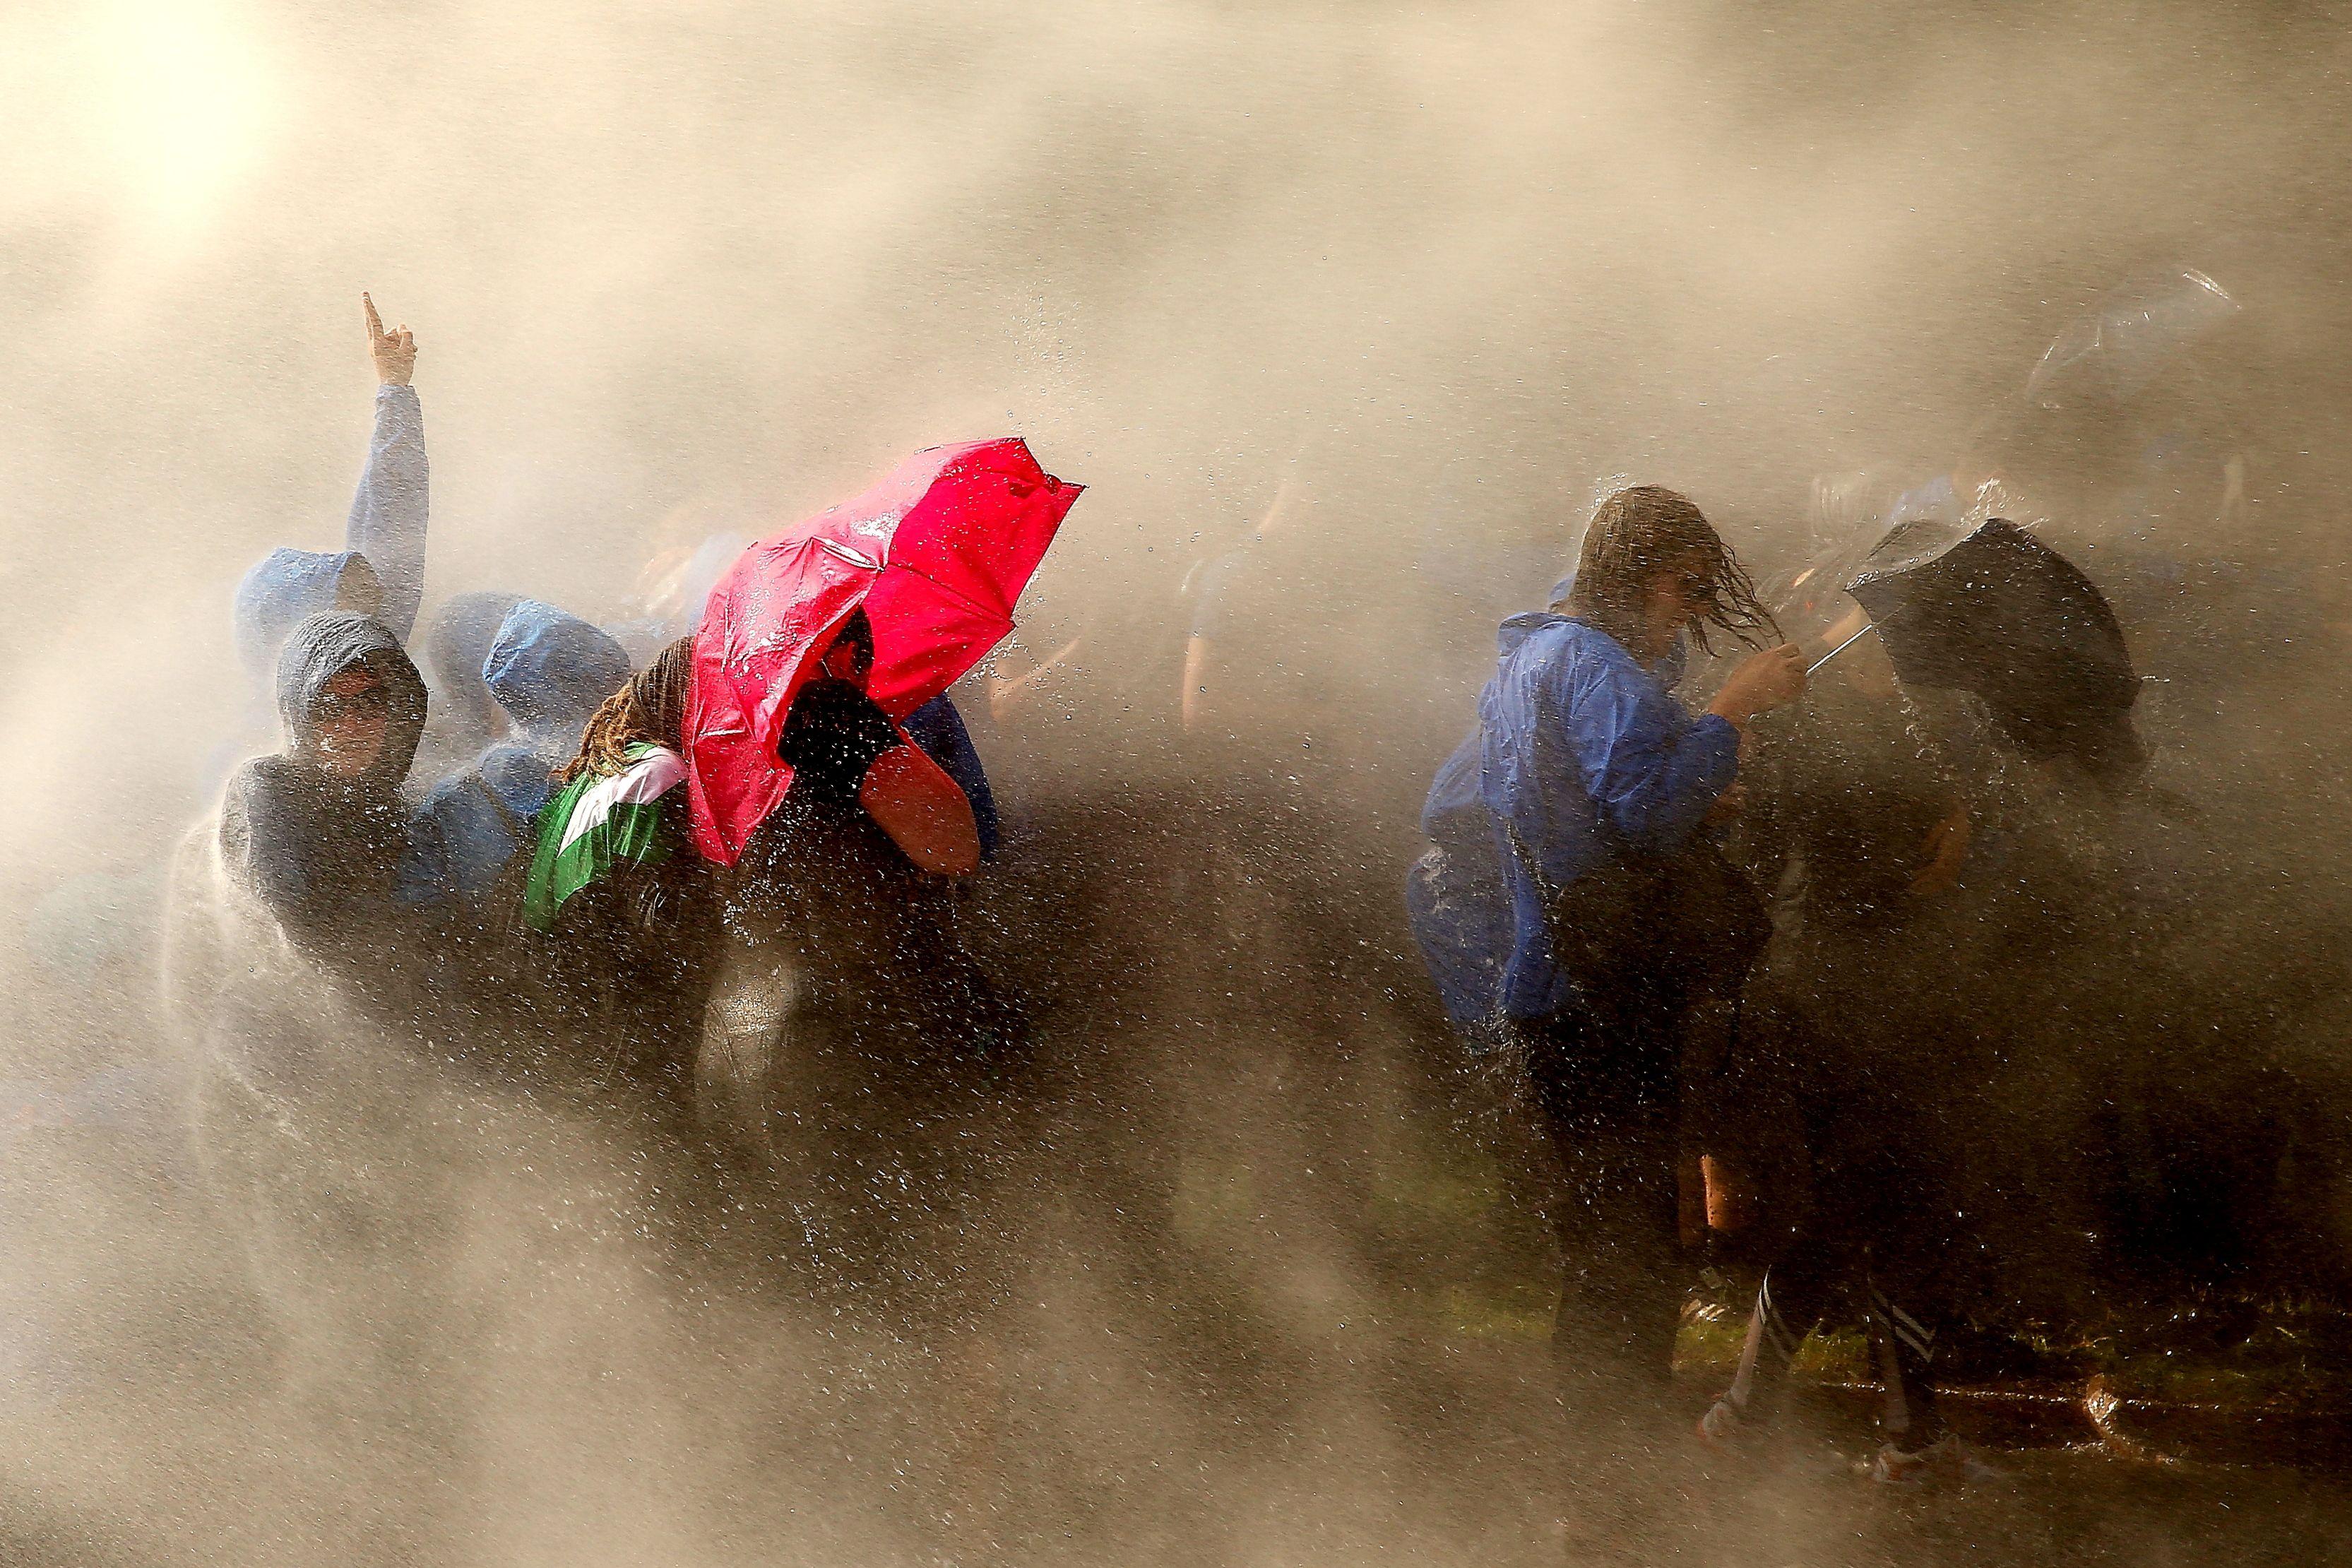 示威抗議者躲避鎮暴警察的水龍。(Getty Images)